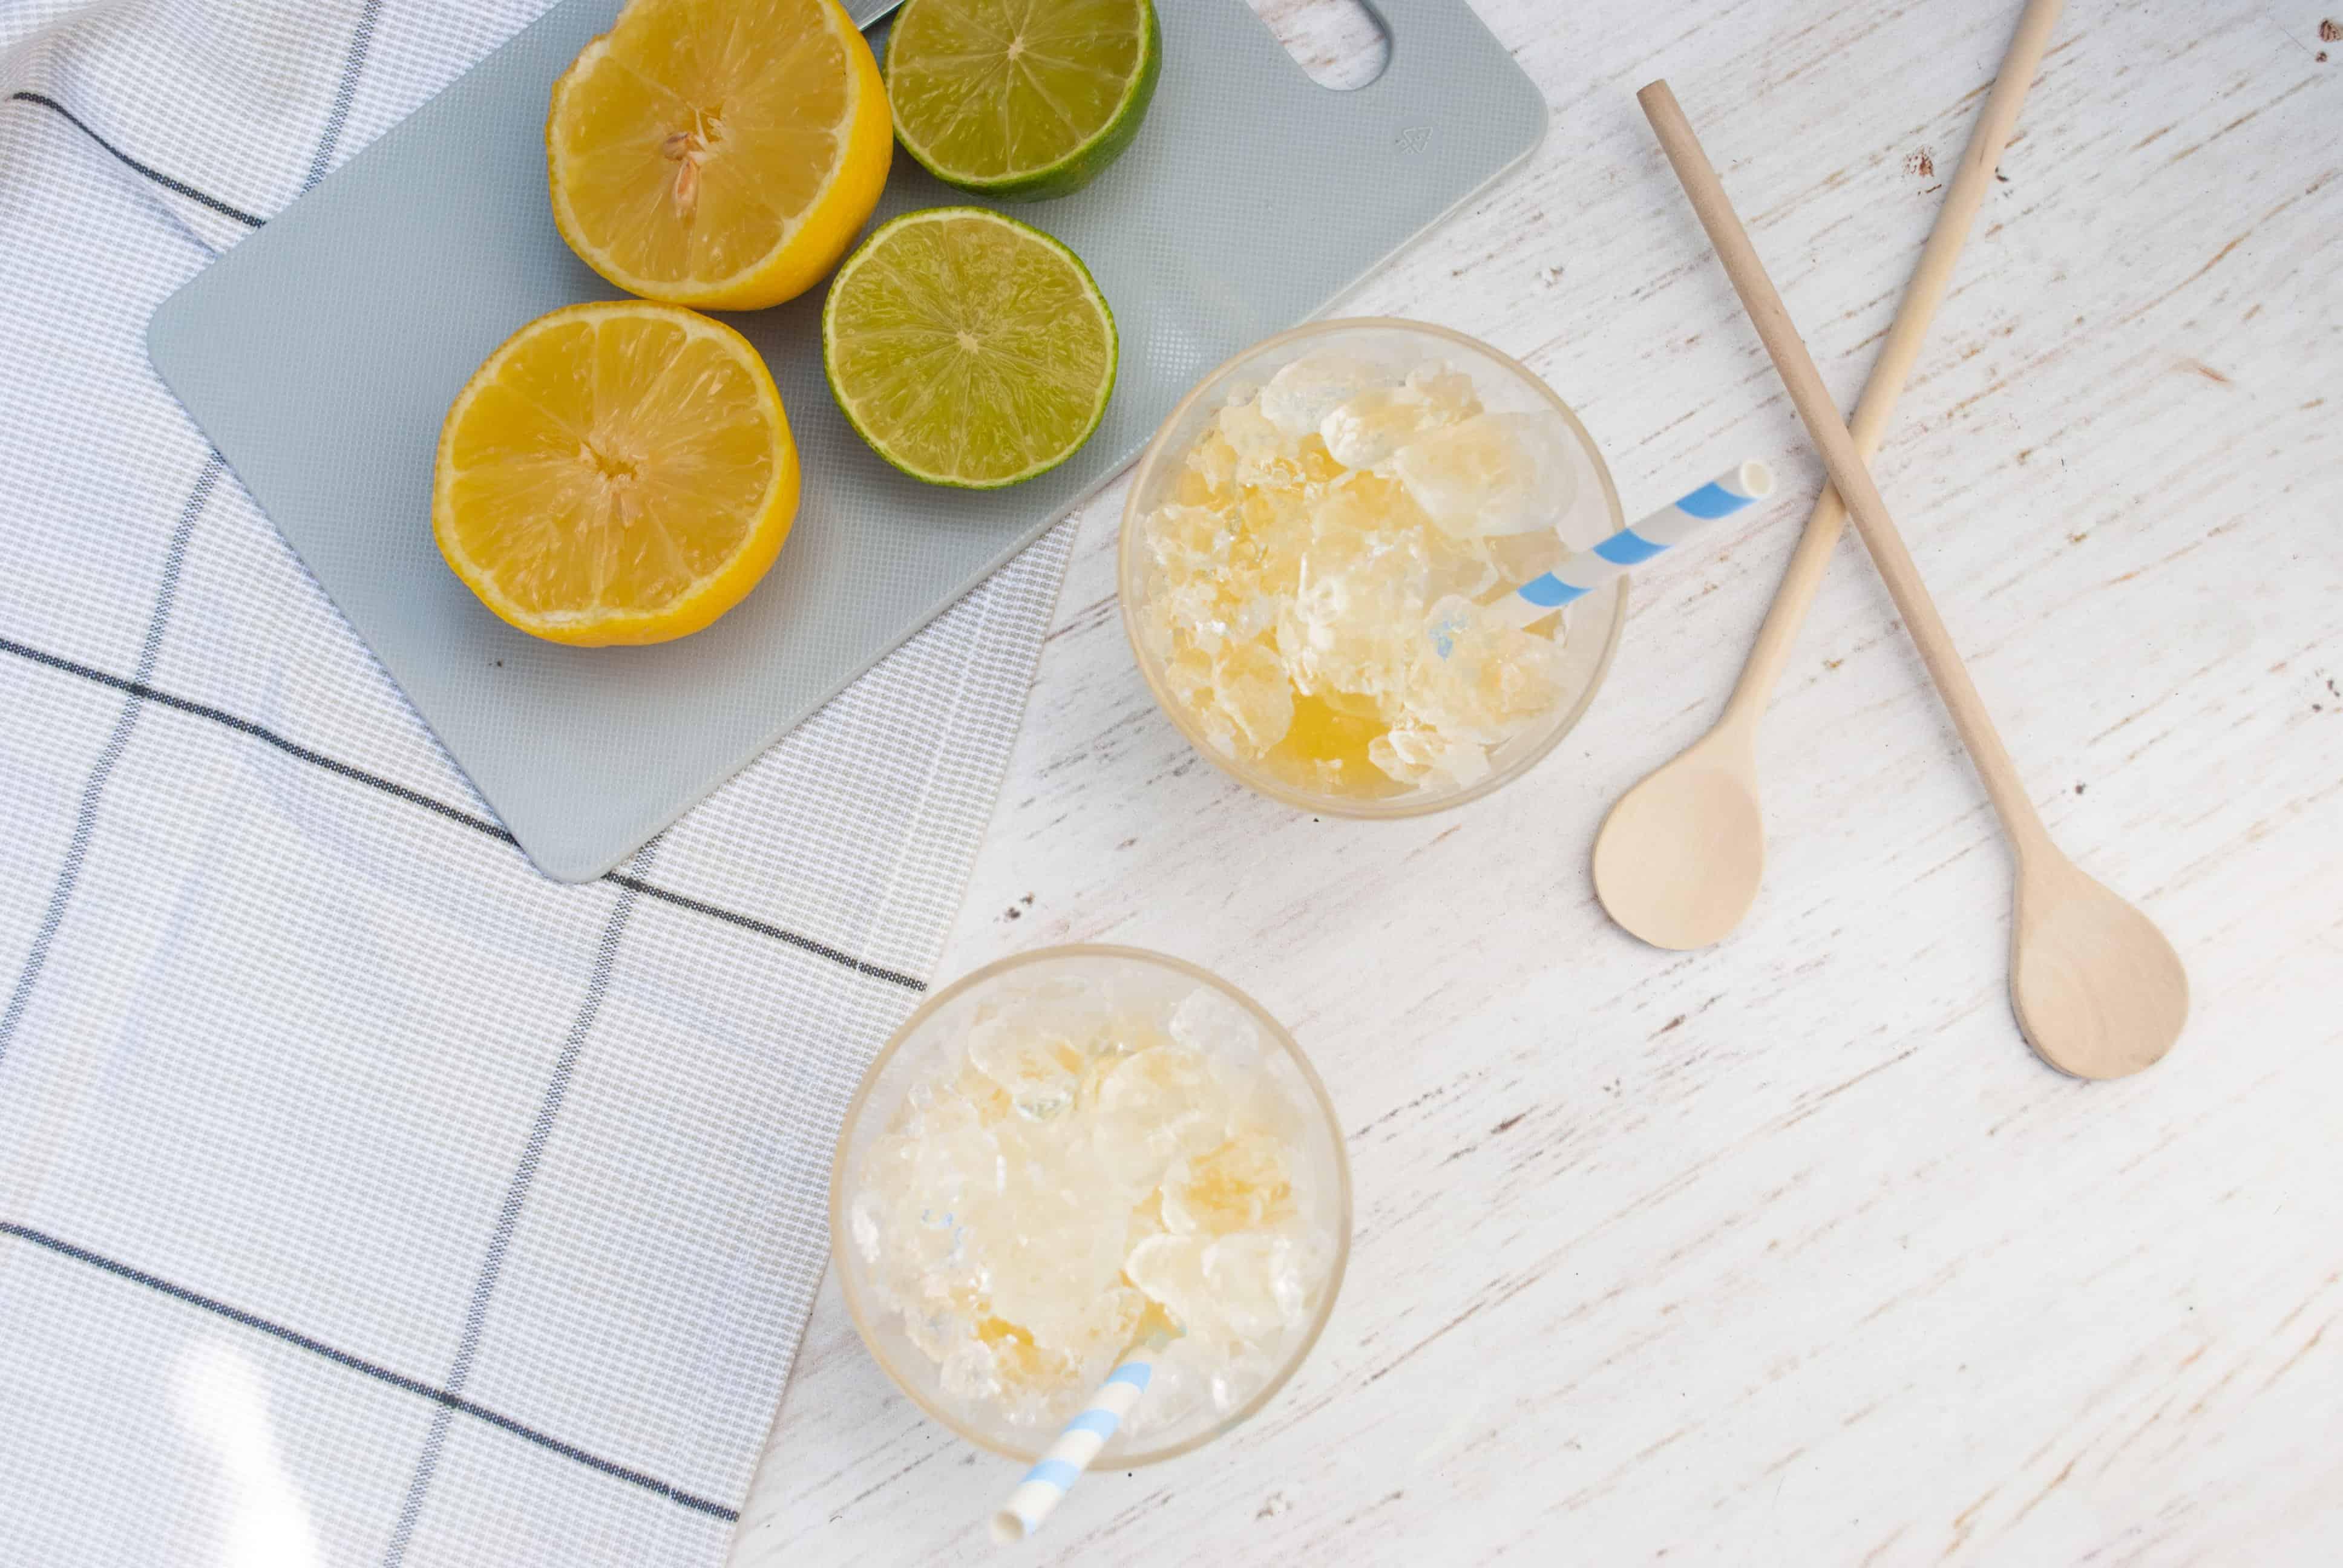 zelfgemaakt Surinaams schaafijs met citrussmaak